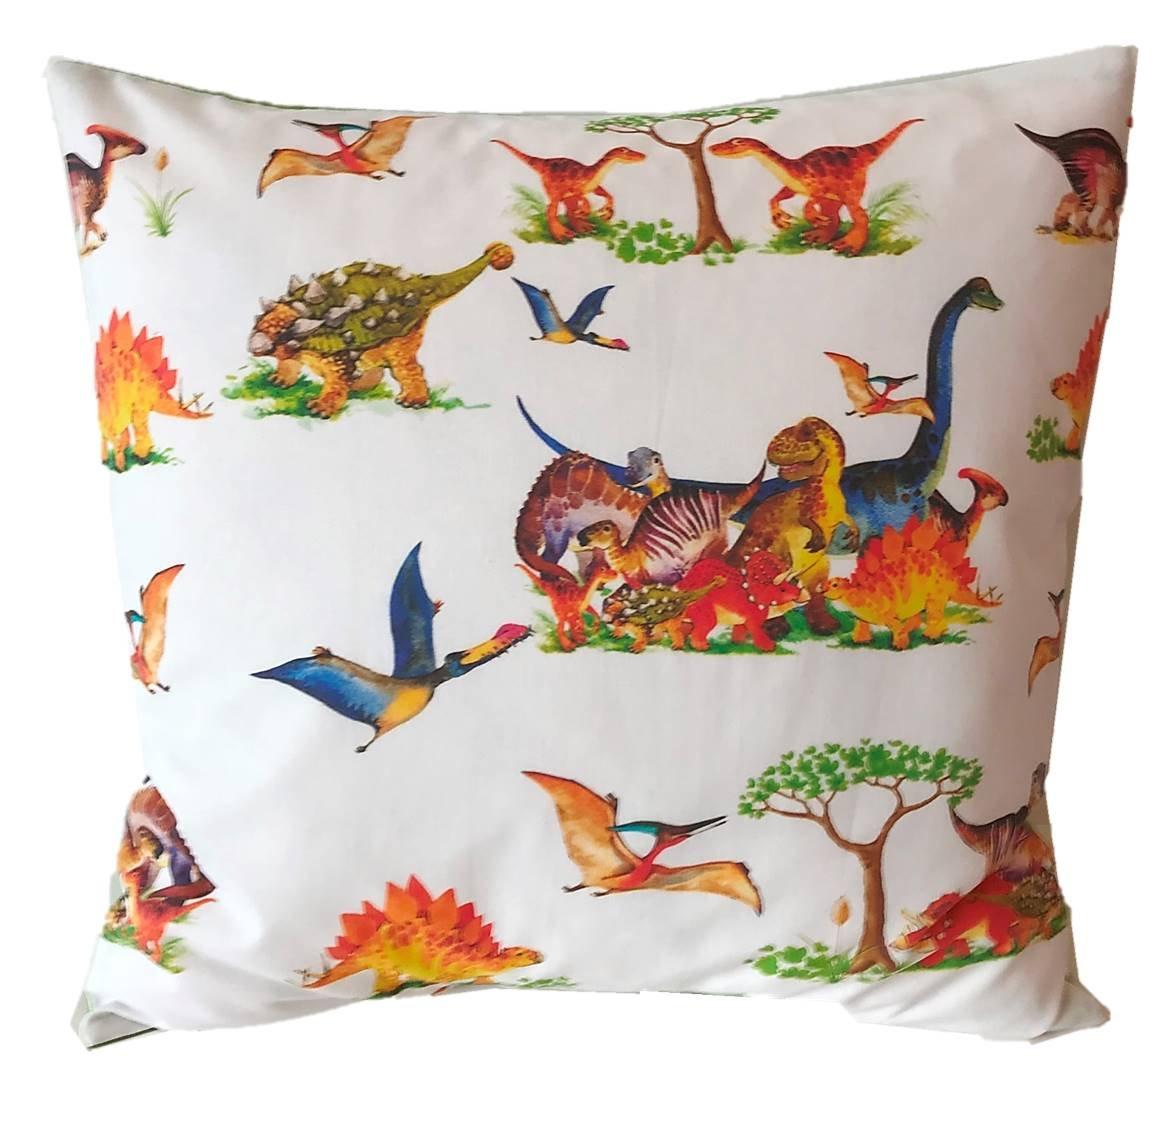 Kissenhülle 40 X 40 cm Dinosaurier Dino Dinos Grün Blau Kissenbezug für Kissen Kinder 100 % Baumwolle BW Jungen Jungs Kinderkissen Kindergarten TryPinky®